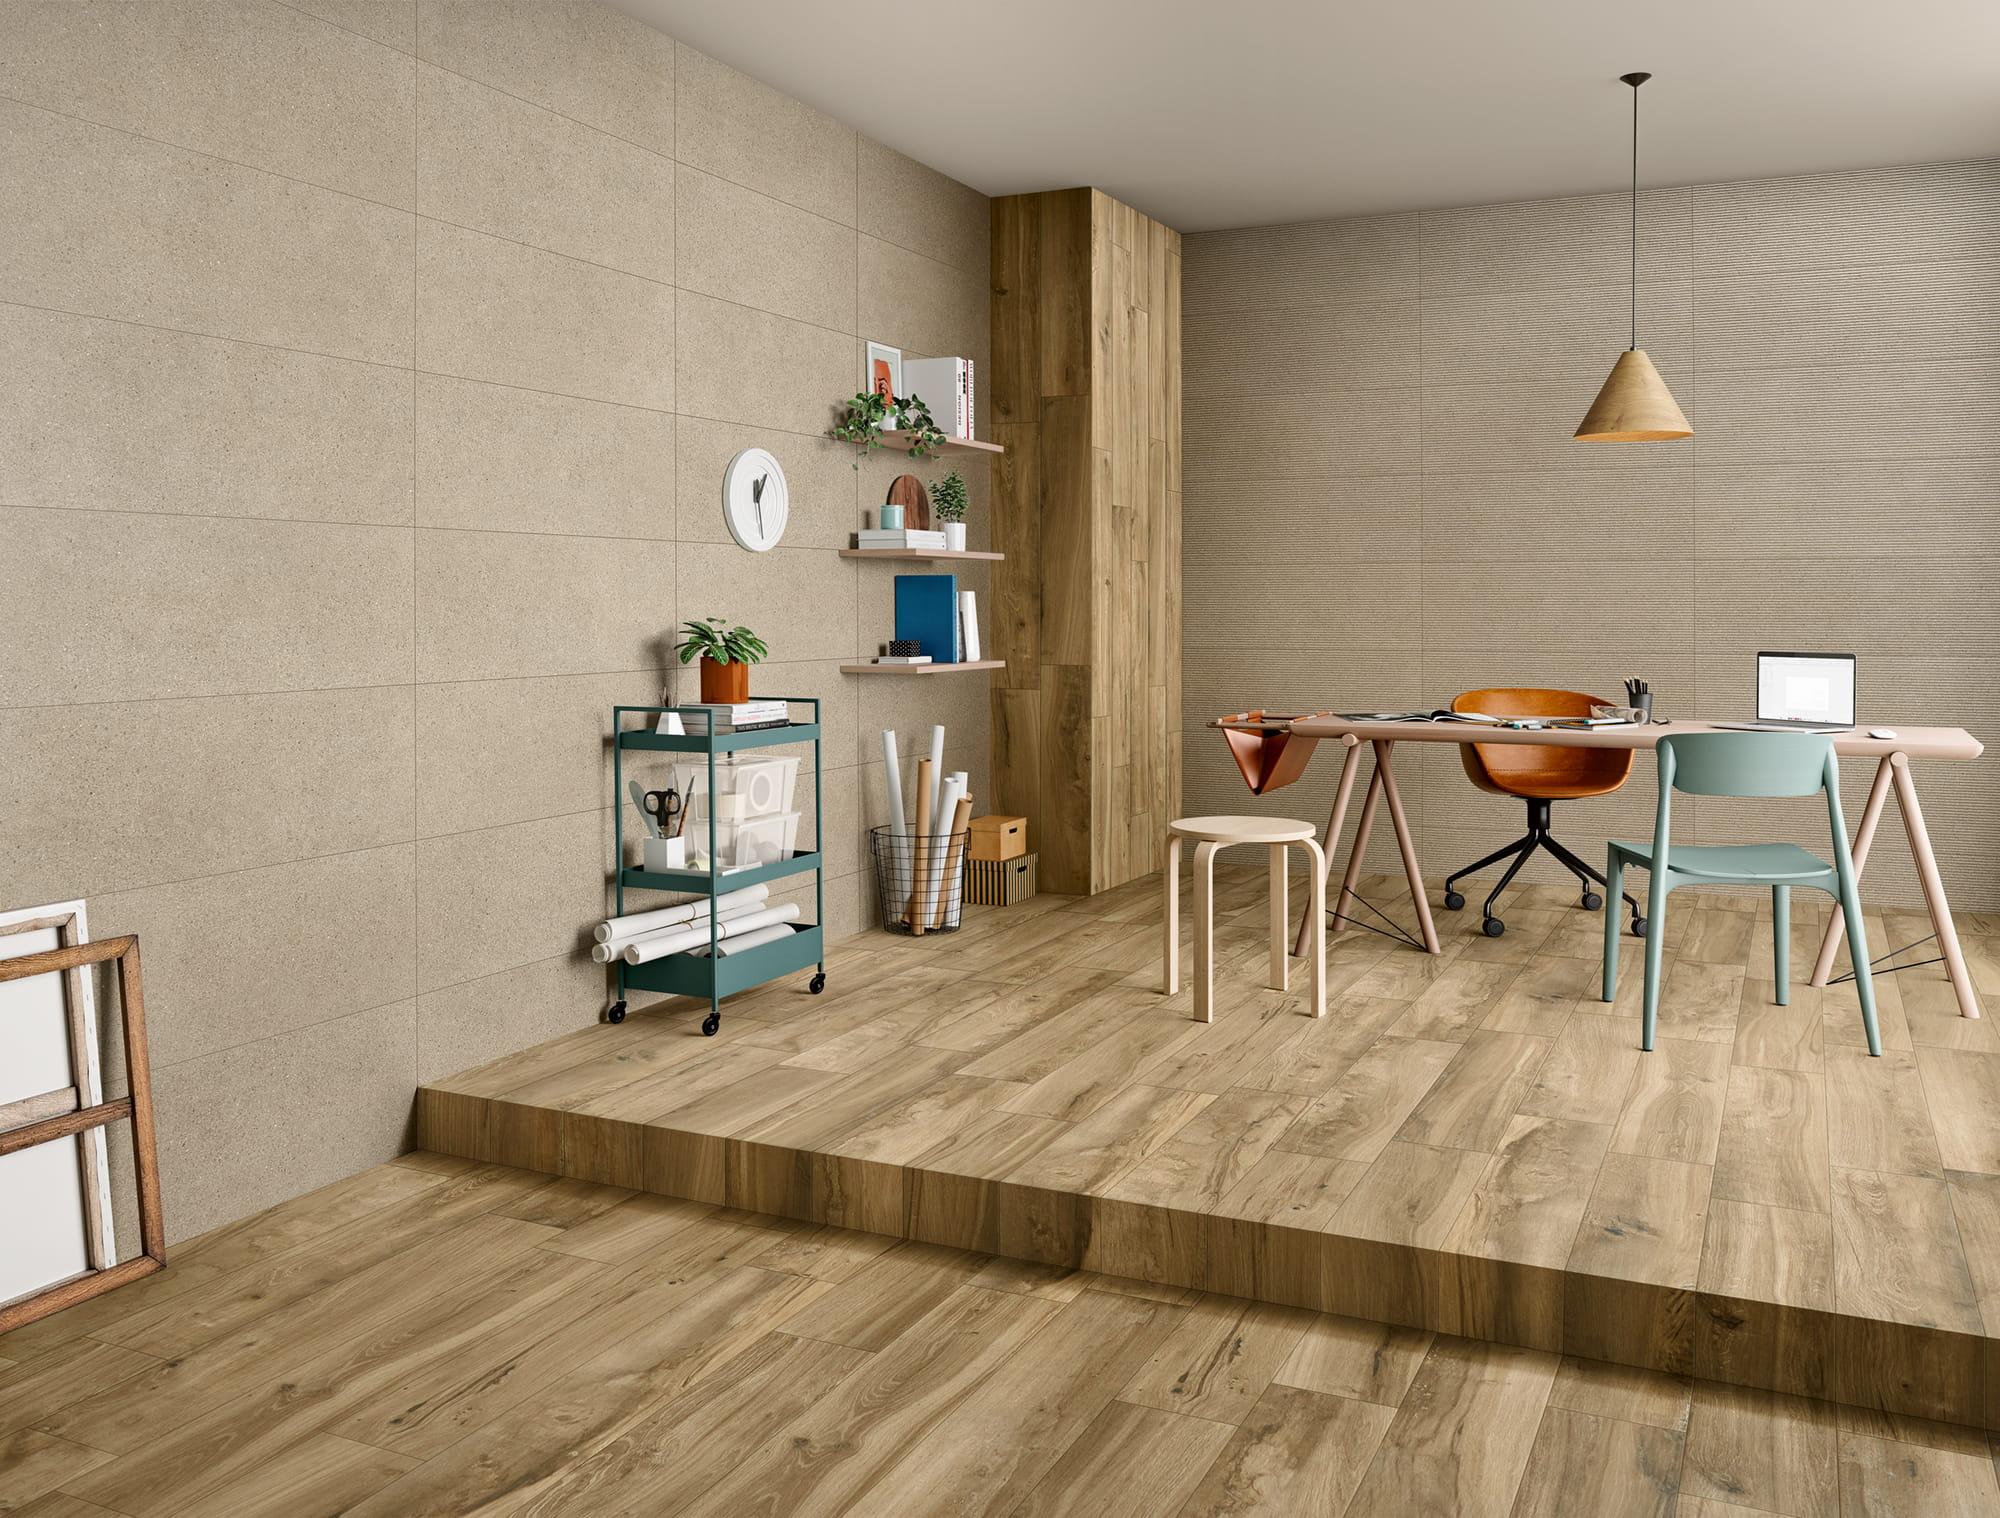 Stark Beige - 35 x 100 RET. | Lining Beige - 35 x 100 RET. | Wooden Dark Beige - 20 x 100